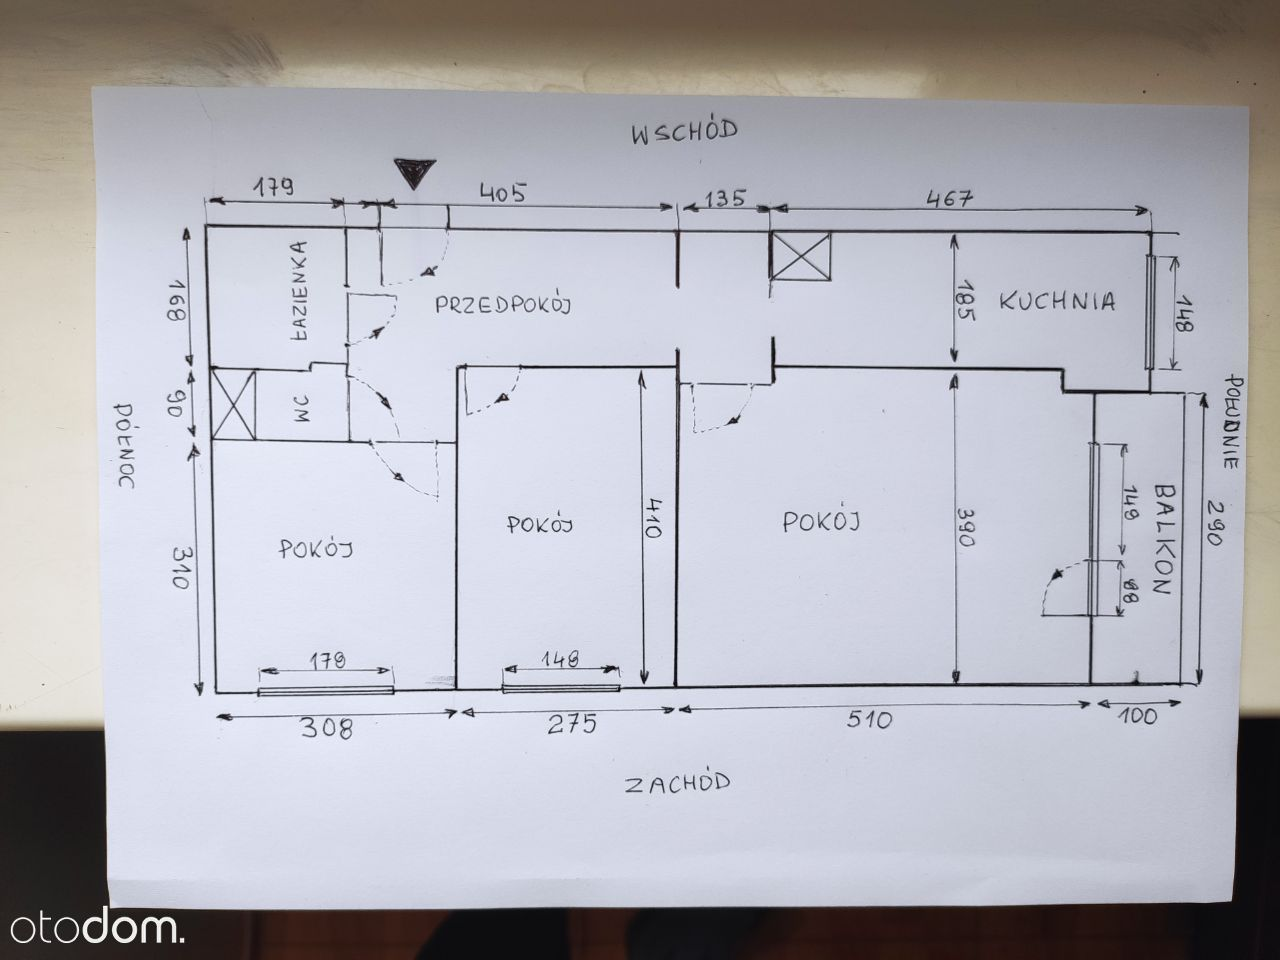 3 Pokoje, Słoneczne, Komfortowe, do zamieszkania,